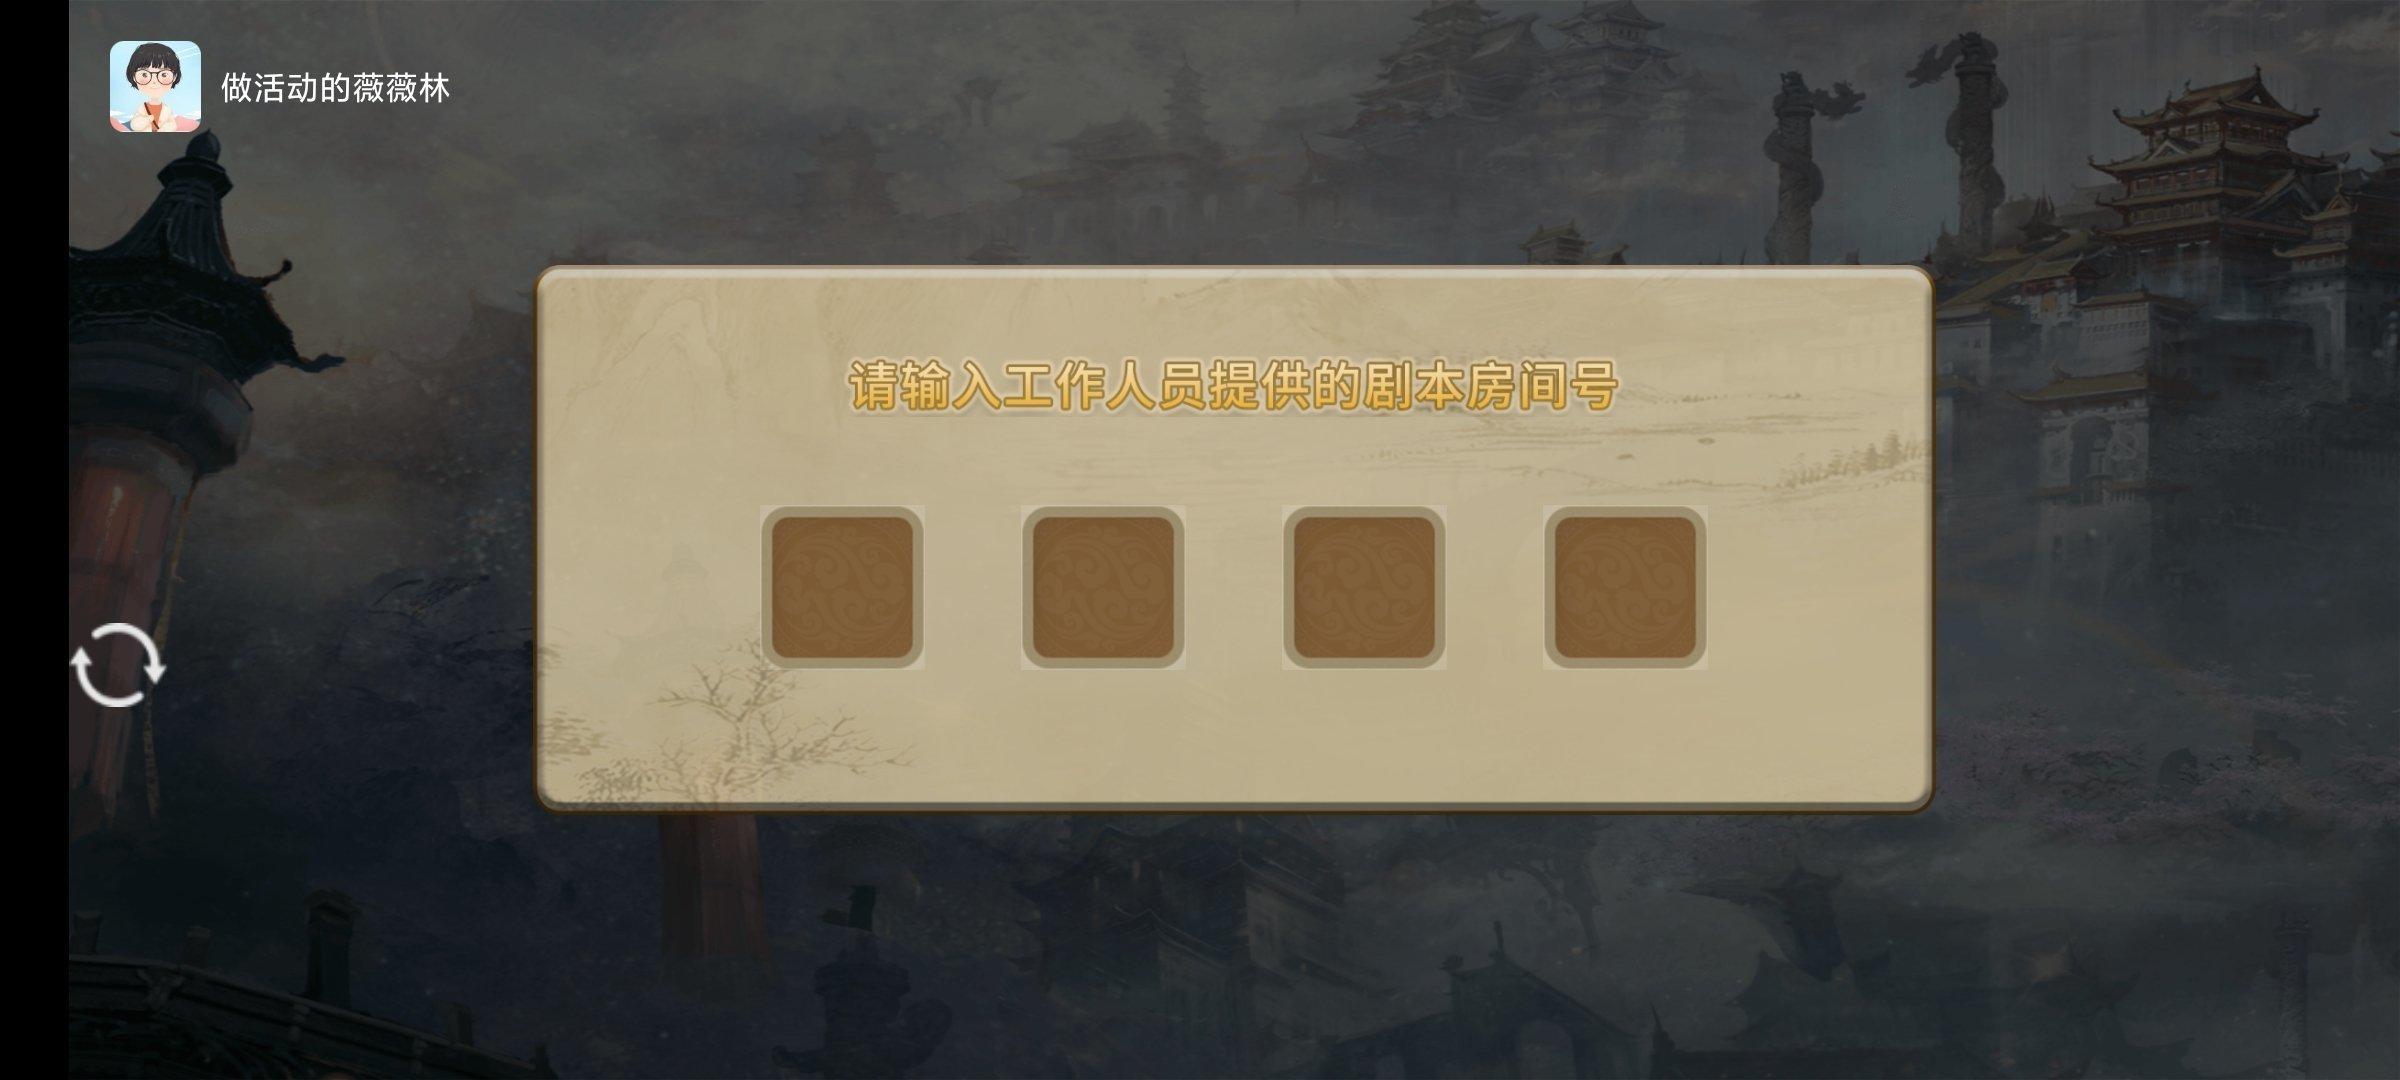 DA540FF91335E9A479537FE0DA1F1D65